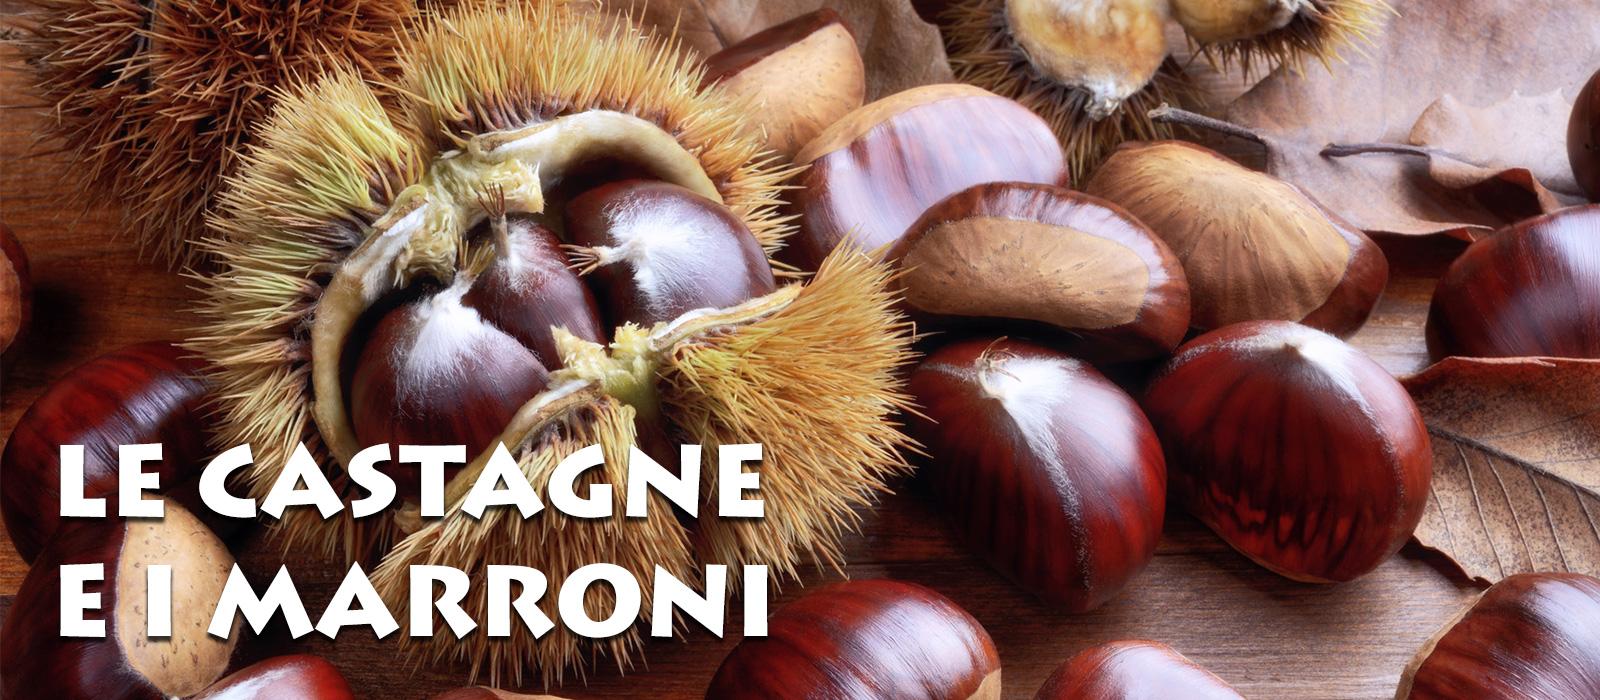 le-castagne-e-i-marroni-1600x700